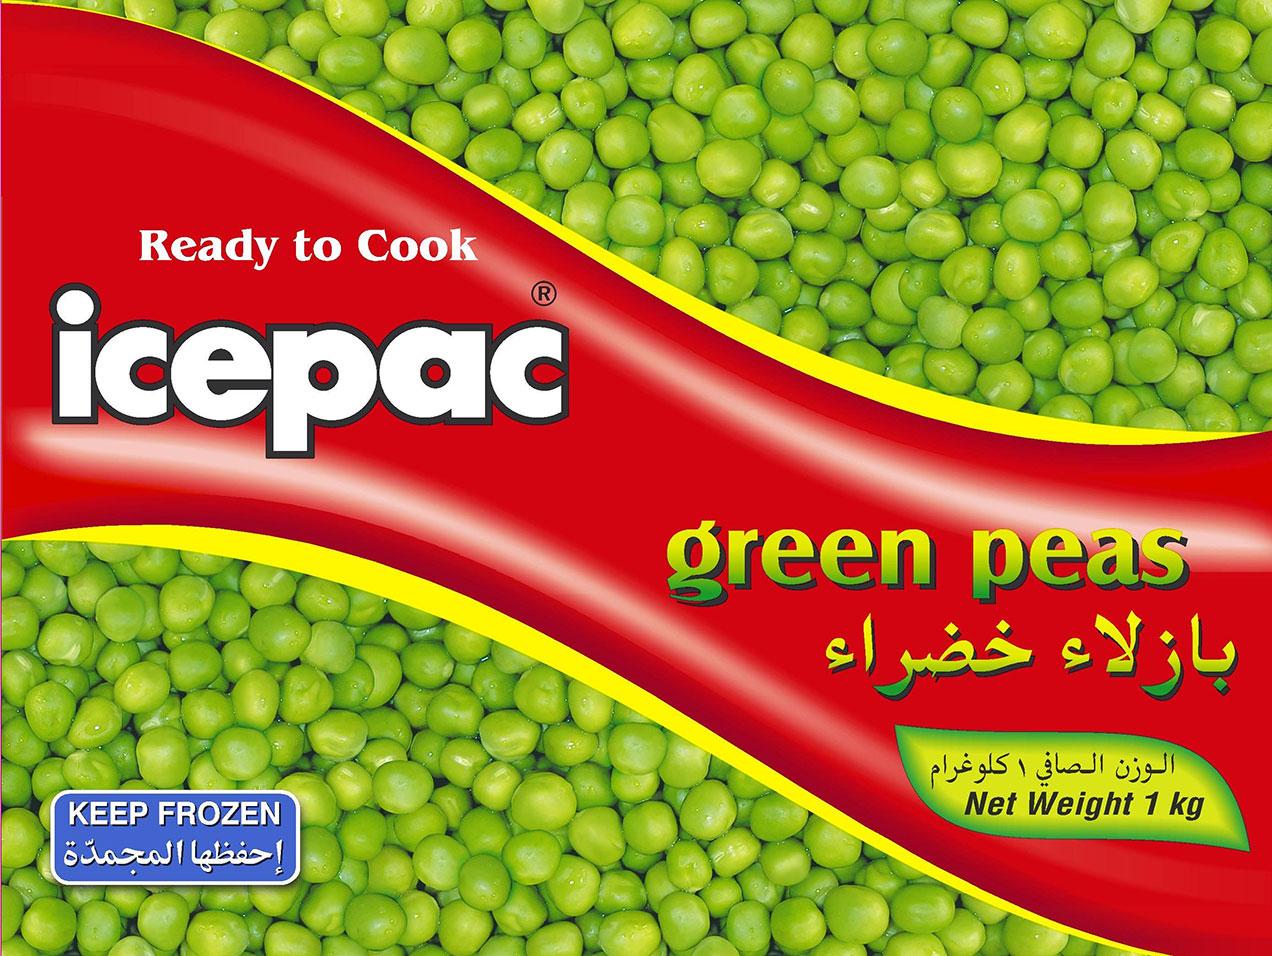 Icepac Peas